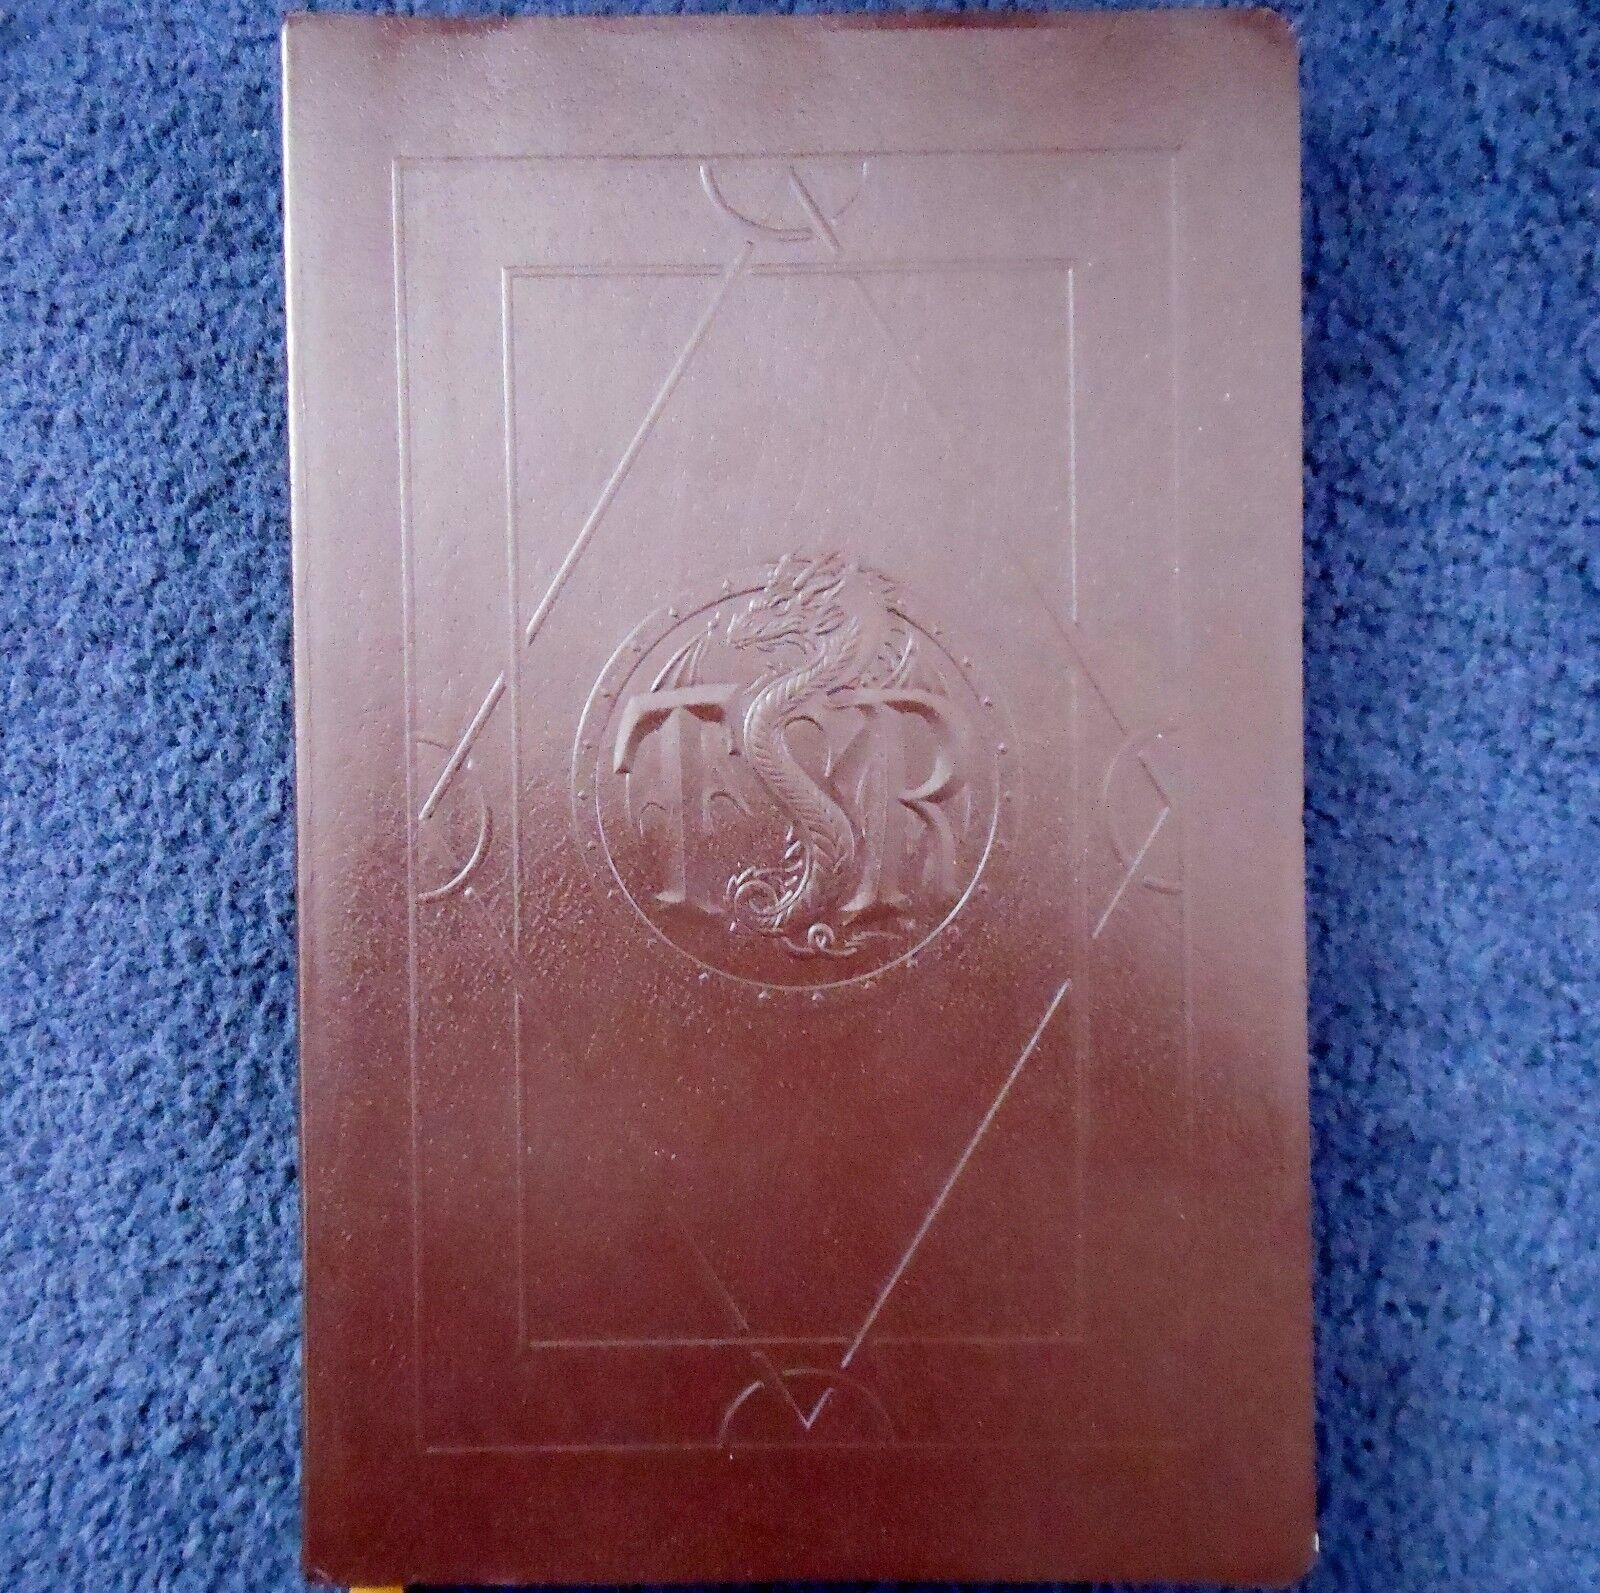 2141 Encyclopedia Magica Volume 1 Advanced Dungeons & Dragons D&D TSR Magic book